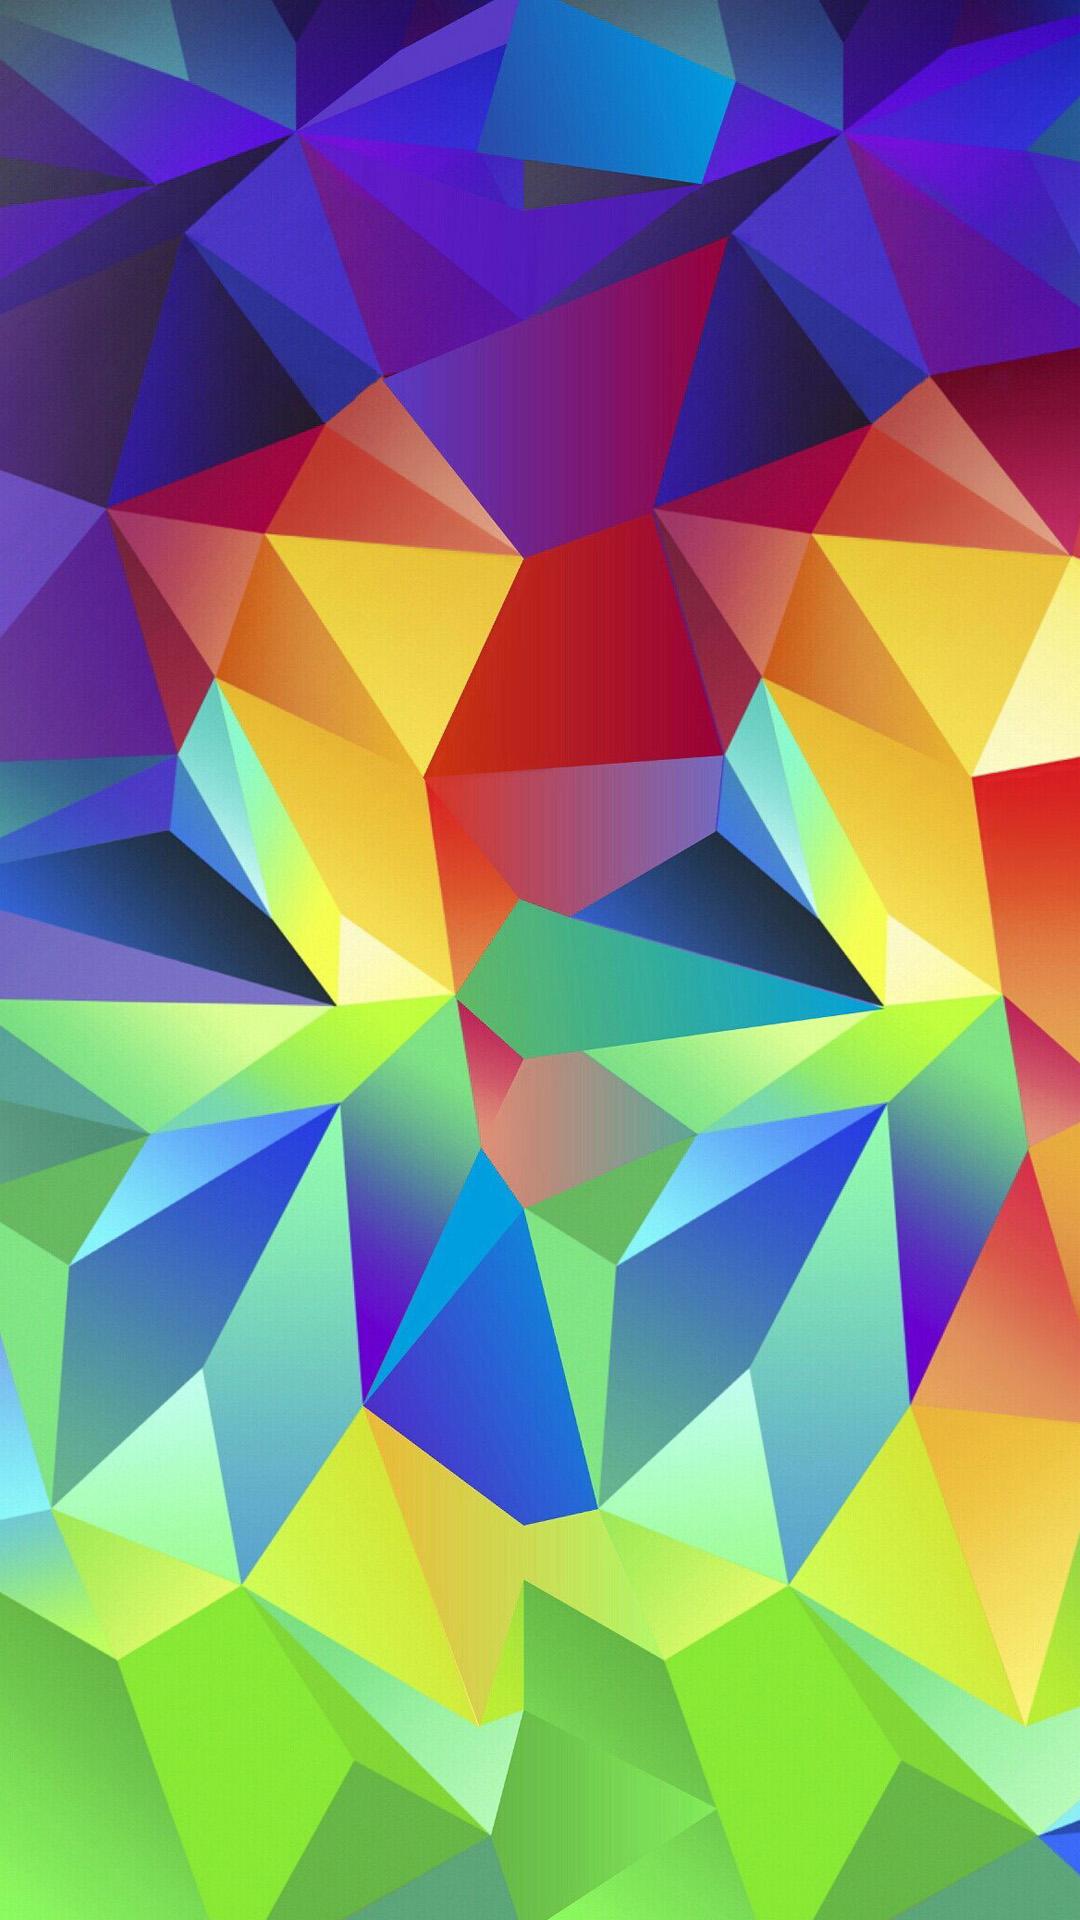 S5 Wallpaper Samsung S5 Wallpaper Samsung S5 Wallpaper Samsung 1080x1920